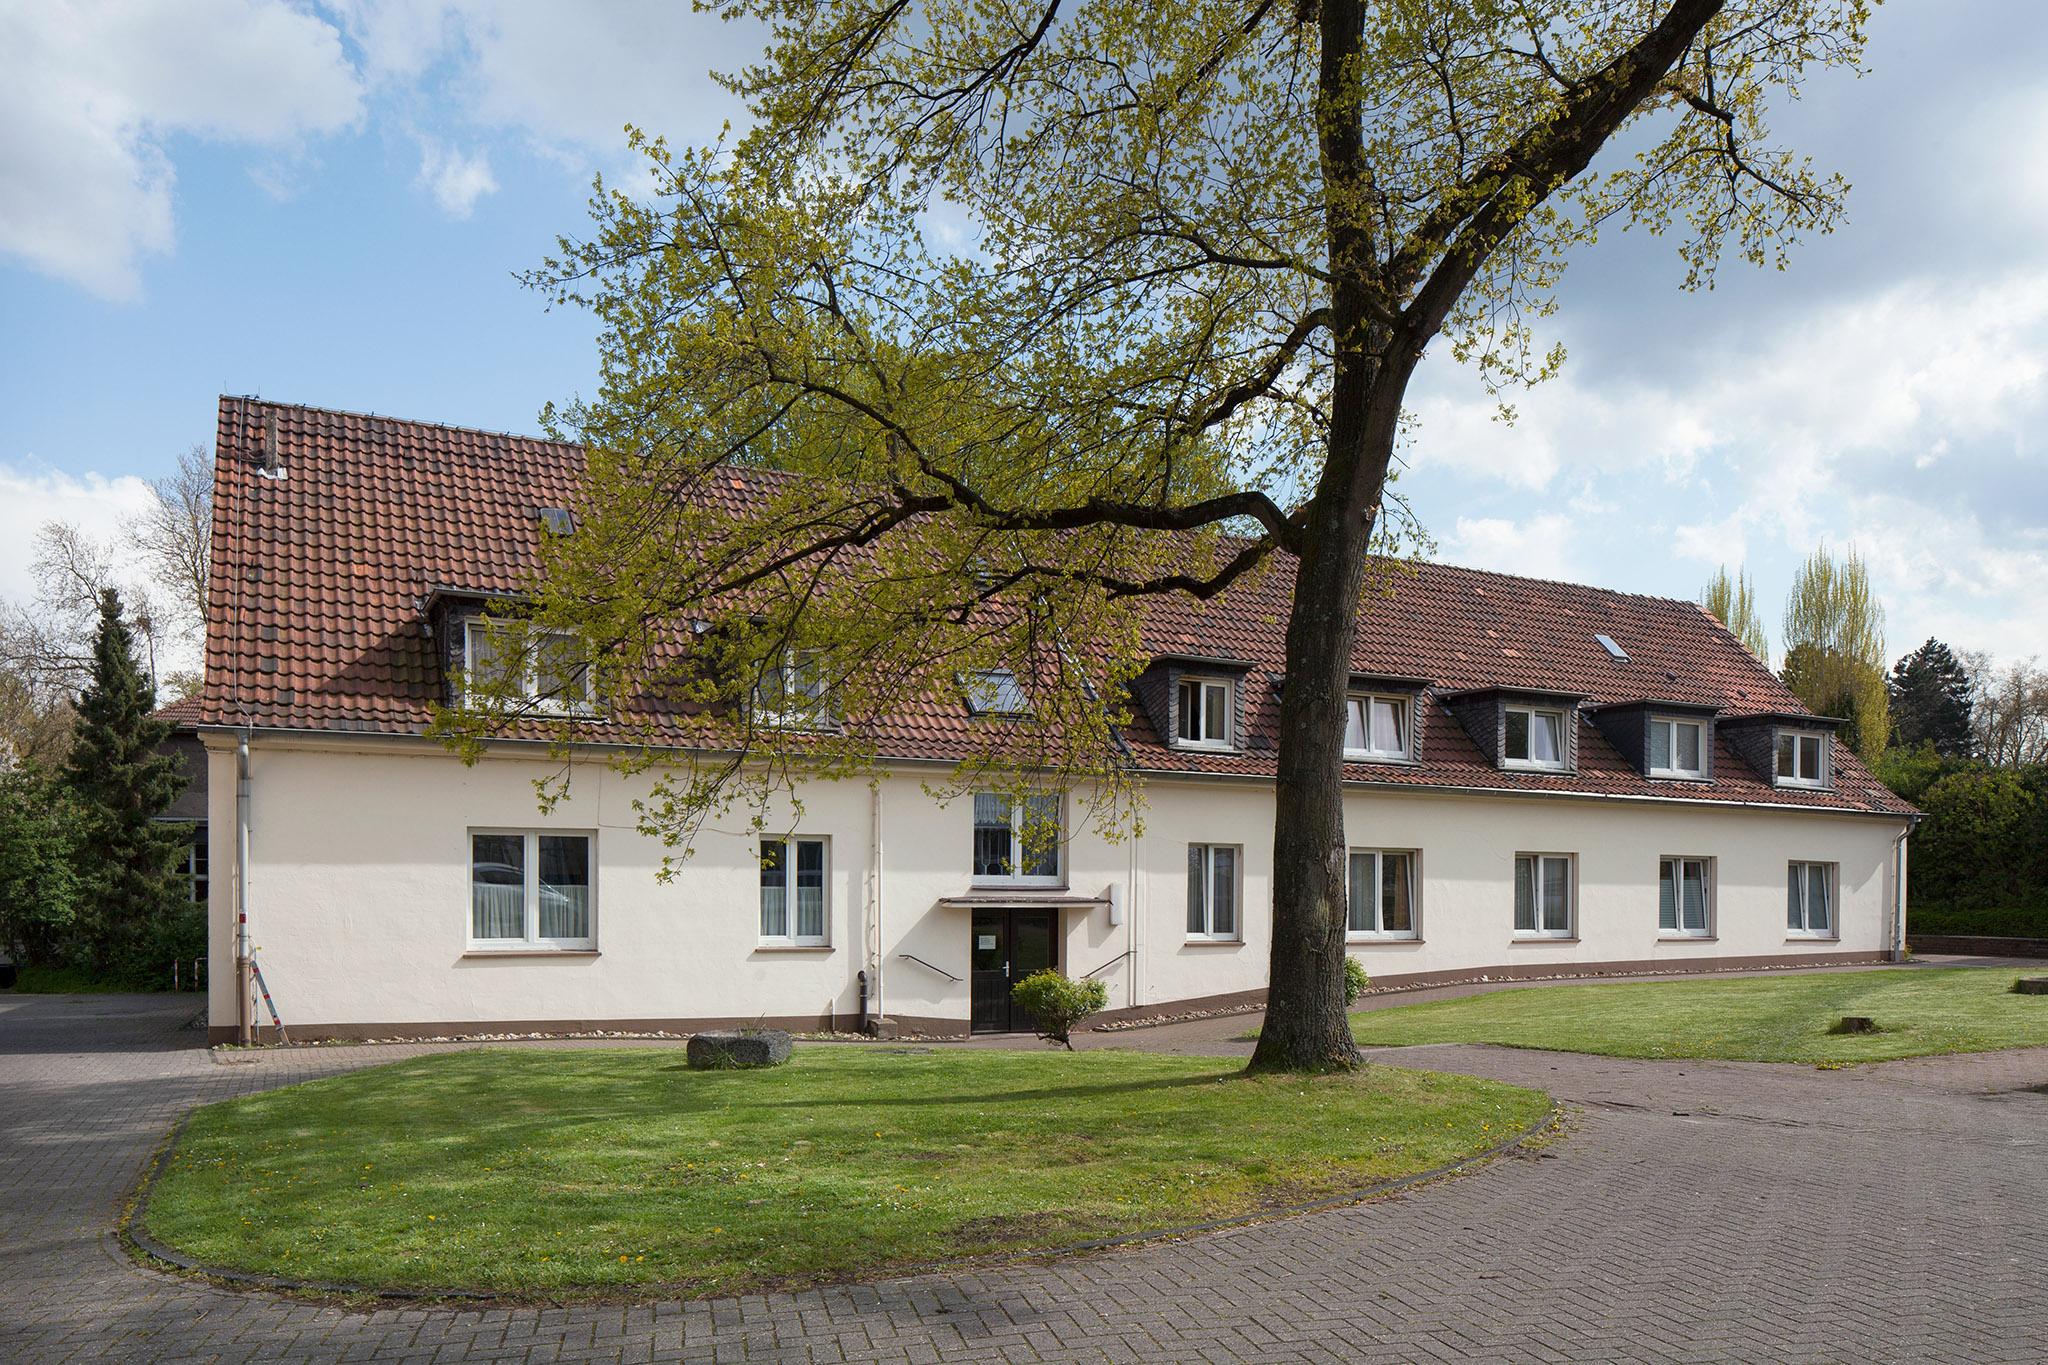 Maennerheim Grabenstrasse